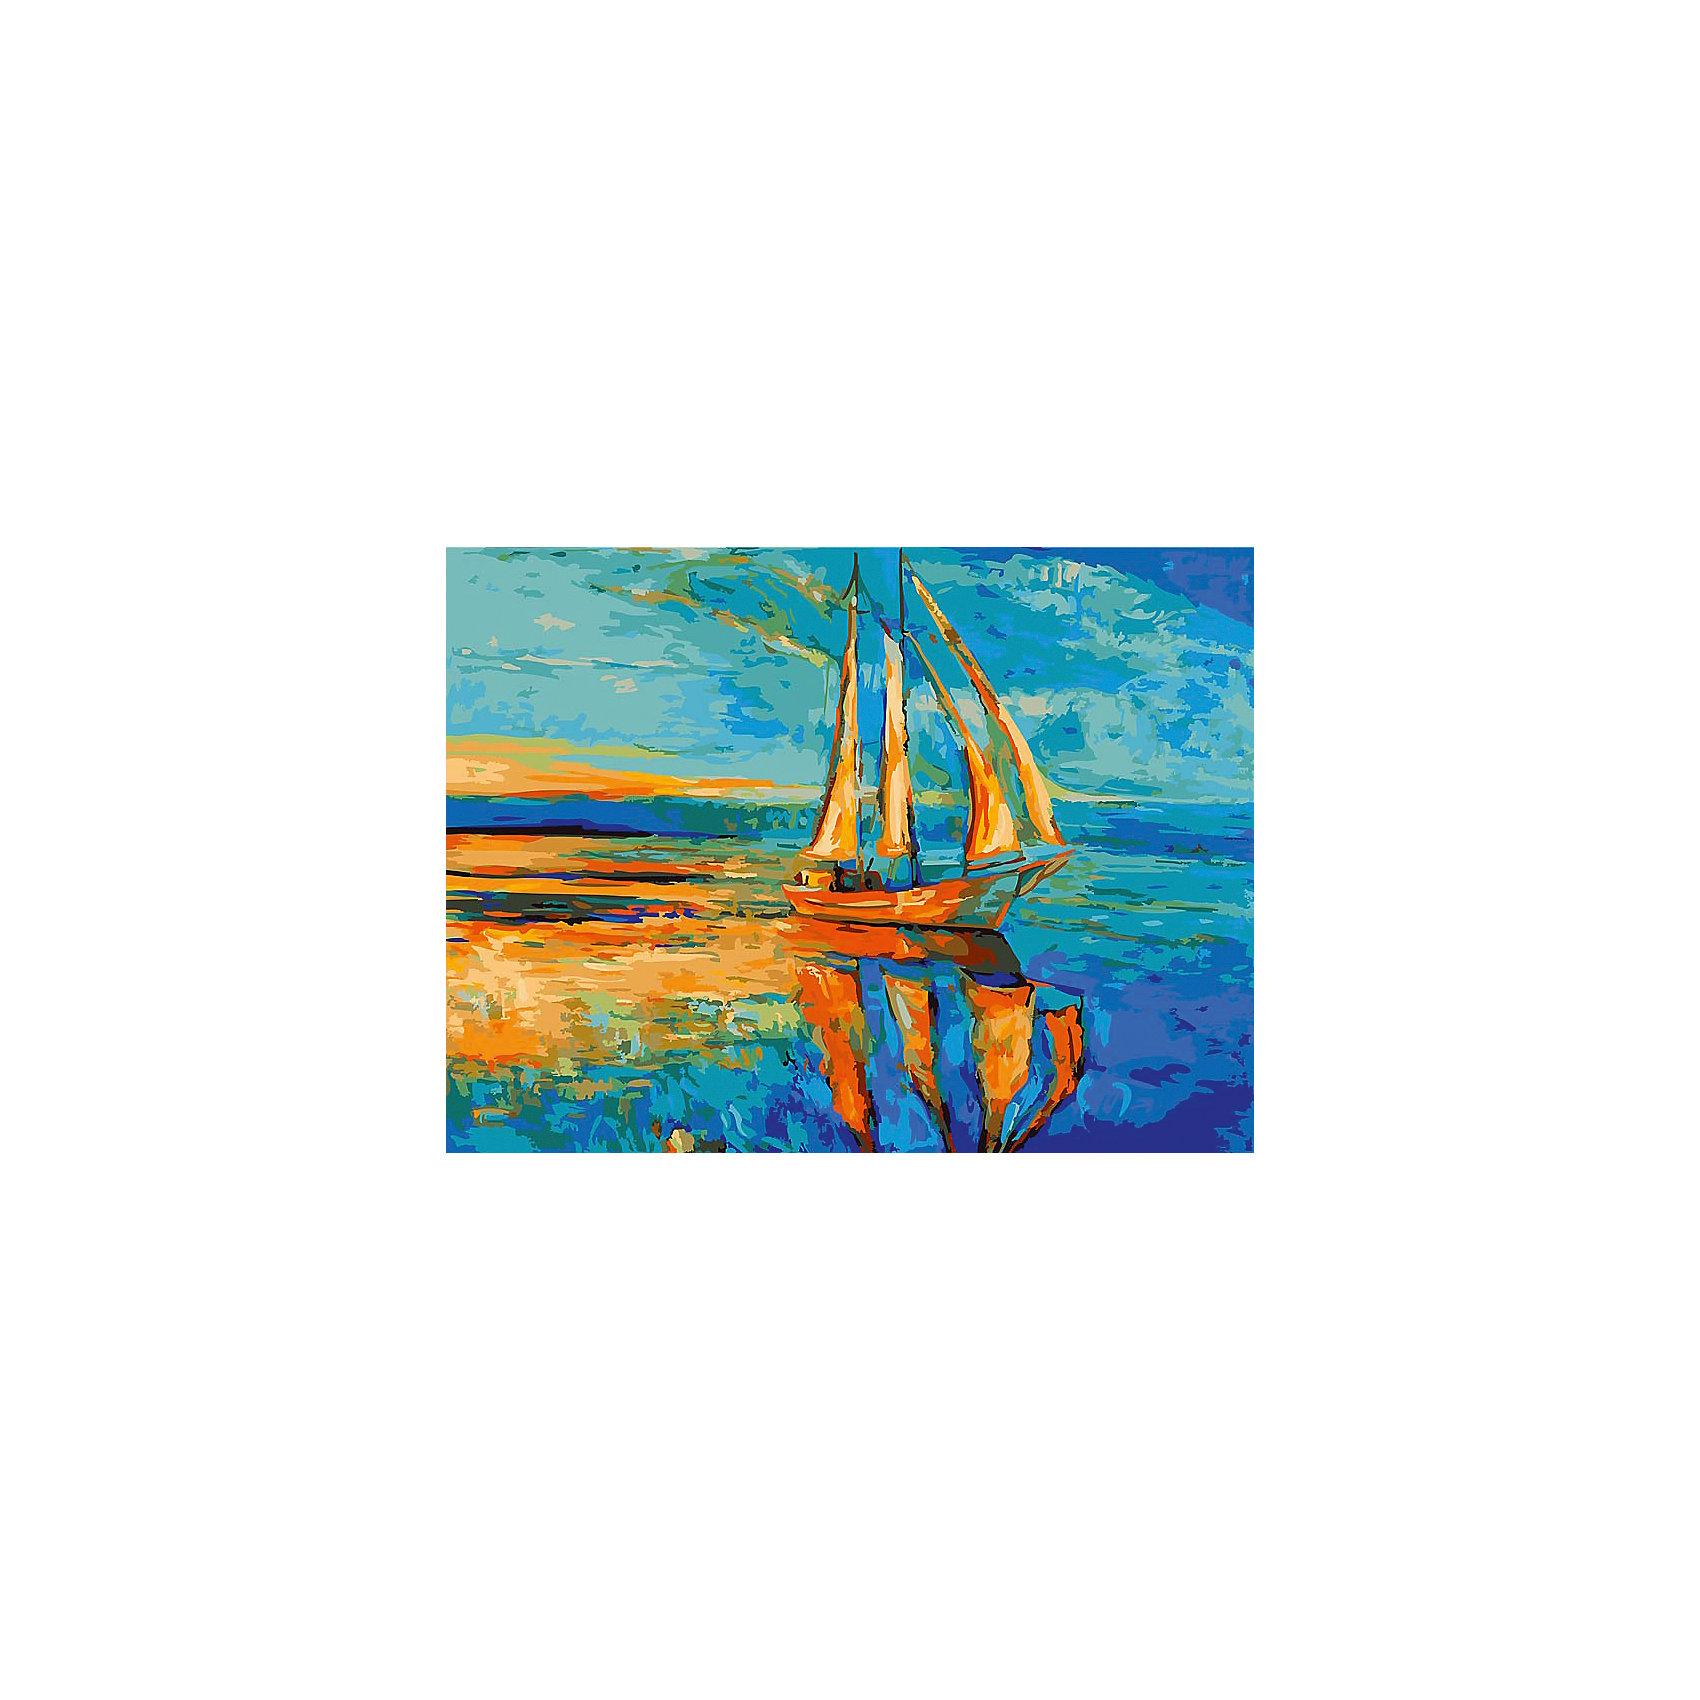 Живопись на холсте 30*40 см Под парусамиРисование<br>Характеристики товара:<br><br>• цвет: разноцветный<br>• материал: акрил, картон<br>• размер: 30 x 40 см<br>• комплектация: полотно на подрамнике с контурами рисунка, пробный лист с рисунком, набор акриловых красок, три кисти, крепление на стену для картины<br>• для детей от шести лет и взрослых<br>• не требует специальных навыков<br>• страна бренда: Китай<br>• страна изготовитель: Китай<br><br>Как с удовольствием и пользой провести время? Порисовать! Это занятие, которое любят многие дети и взрослые. Рисование помогает развить важные навыки и просто приносит удовольствие! Чтобы вселить в ребенка уверенность в своих силах, можно предложить ему этот набор - в нем уже есть сюжет, контуры рисунка и участки с номерами, которые обозначают определенную краску из набора. Все оттенки уже готовы, задача художника - аккуратно, с помощью кисточек из набора, нанести краски на определенный участок полотна.<br>Взрослым также понравится этот процесс, рисовать можно и вместе с малышом! В итоге получается красивая картина, которой можно украсить интерьер. Рисование способствует развитию мелкой моторики, воображения, цветовосприятия, творческих способностей и усидчивости. Набор отлично проработан, сделан из качественных и проверенных материалов, которые безопасны для детей. Краски - акриловые, они быстро сохнут и легко смываются с кожи.<br><br>Живопись на холсте 30*40 см Под парусами от торговой марки Белоснежка можно купить в нашем интернет-магазине.<br><br>Ширина мм: 410<br>Глубина мм: 310<br>Высота мм: 25<br>Вес г: 567<br>Возраст от месяцев: 72<br>Возраст до месяцев: 144<br>Пол: Унисекс<br>Возраст: Детский<br>SKU: 5089643